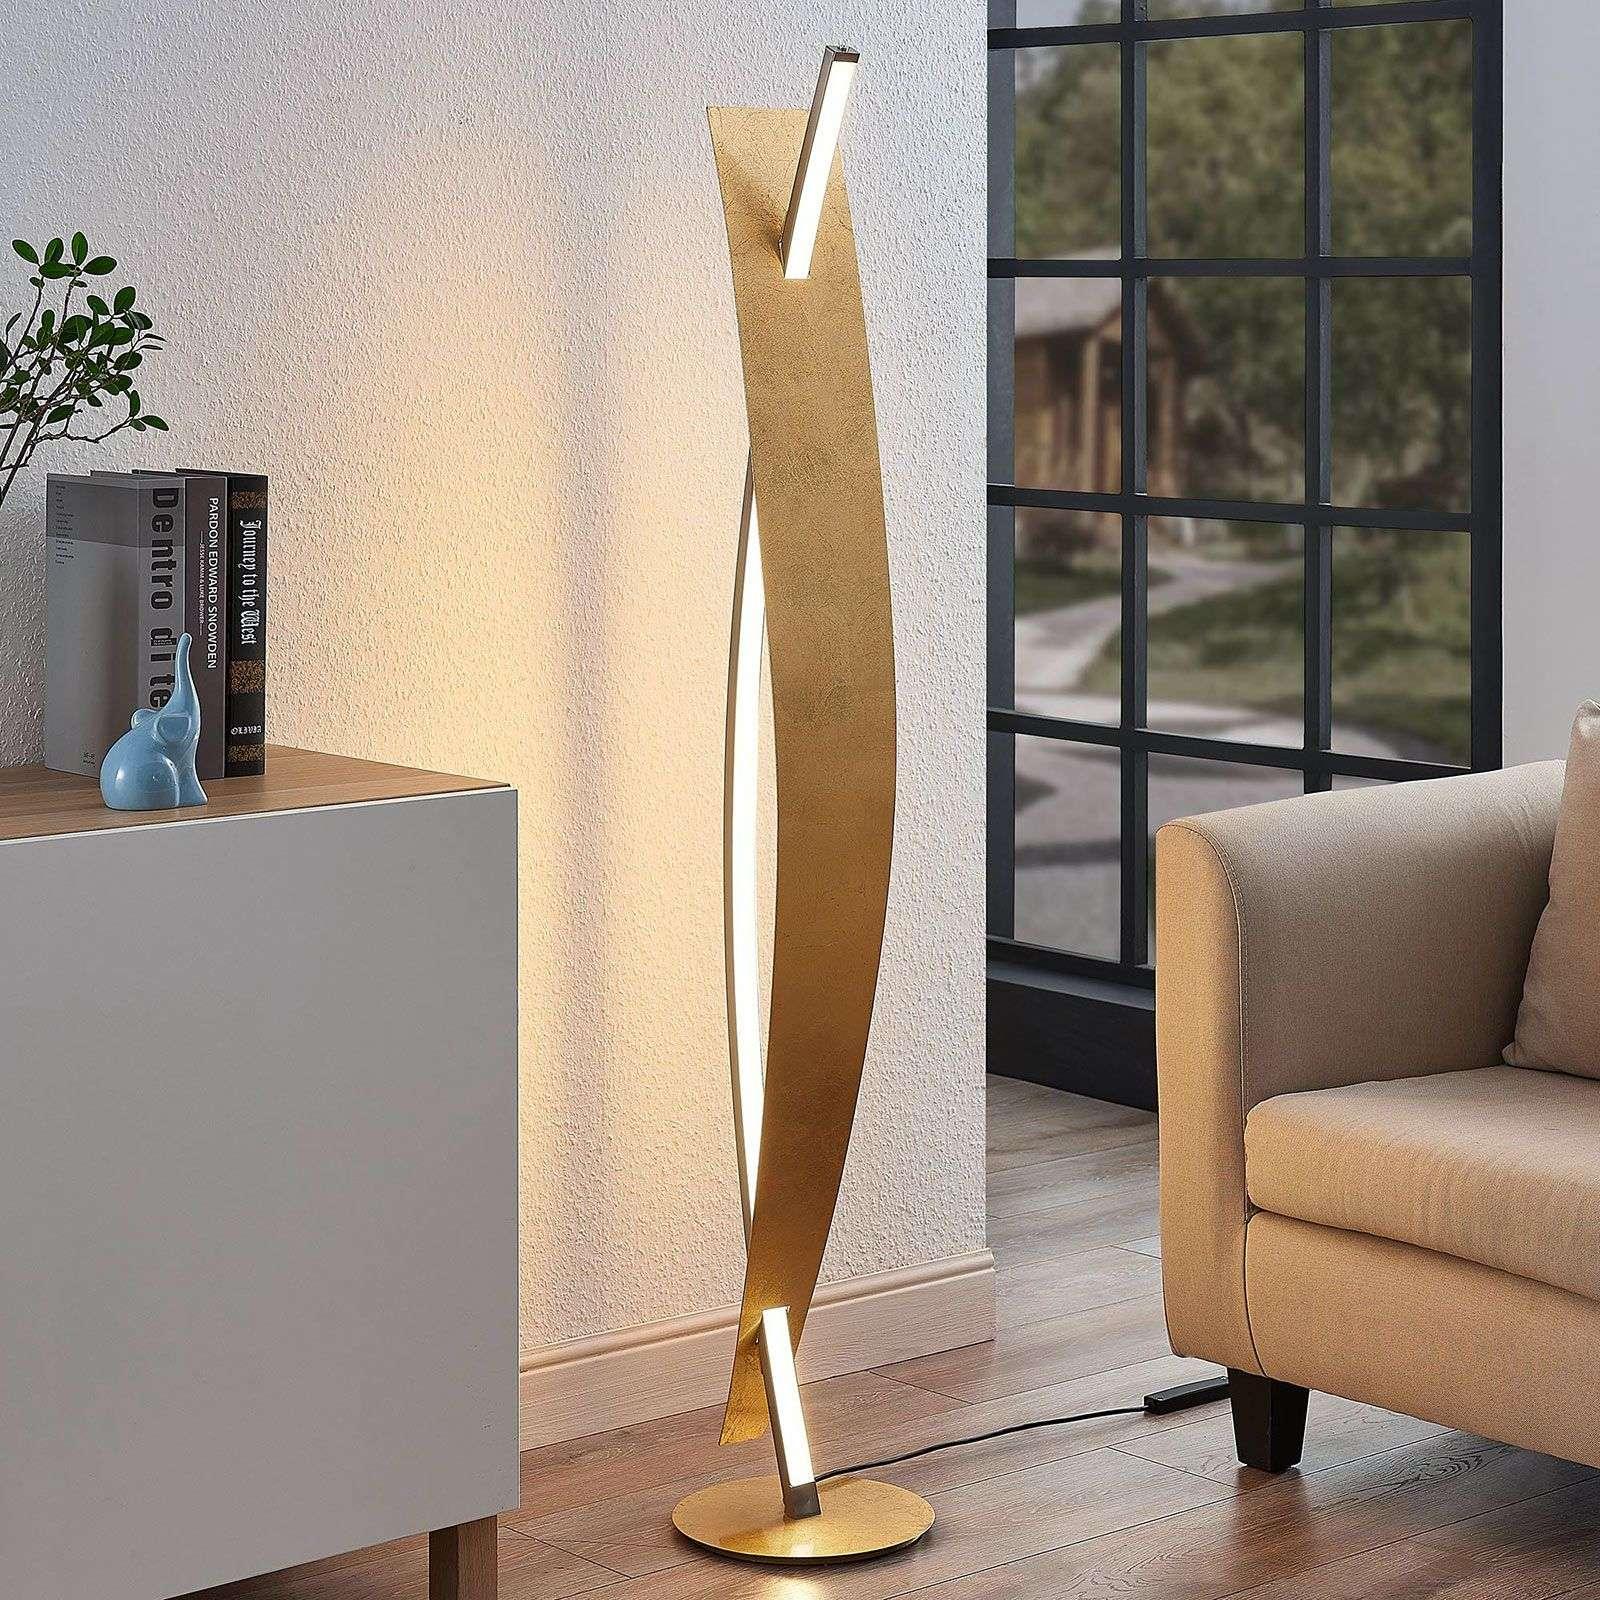 Full Size of Moderne Stehlampe Wohnzimmer Led Stehleuchte Marija Lampenwelt Gold Modern Heizkörper Hängeleuchte Deckenlampen Für Deckenleuchte Deko Bilder Fürs Wohnzimmer Moderne Stehlampe Wohnzimmer